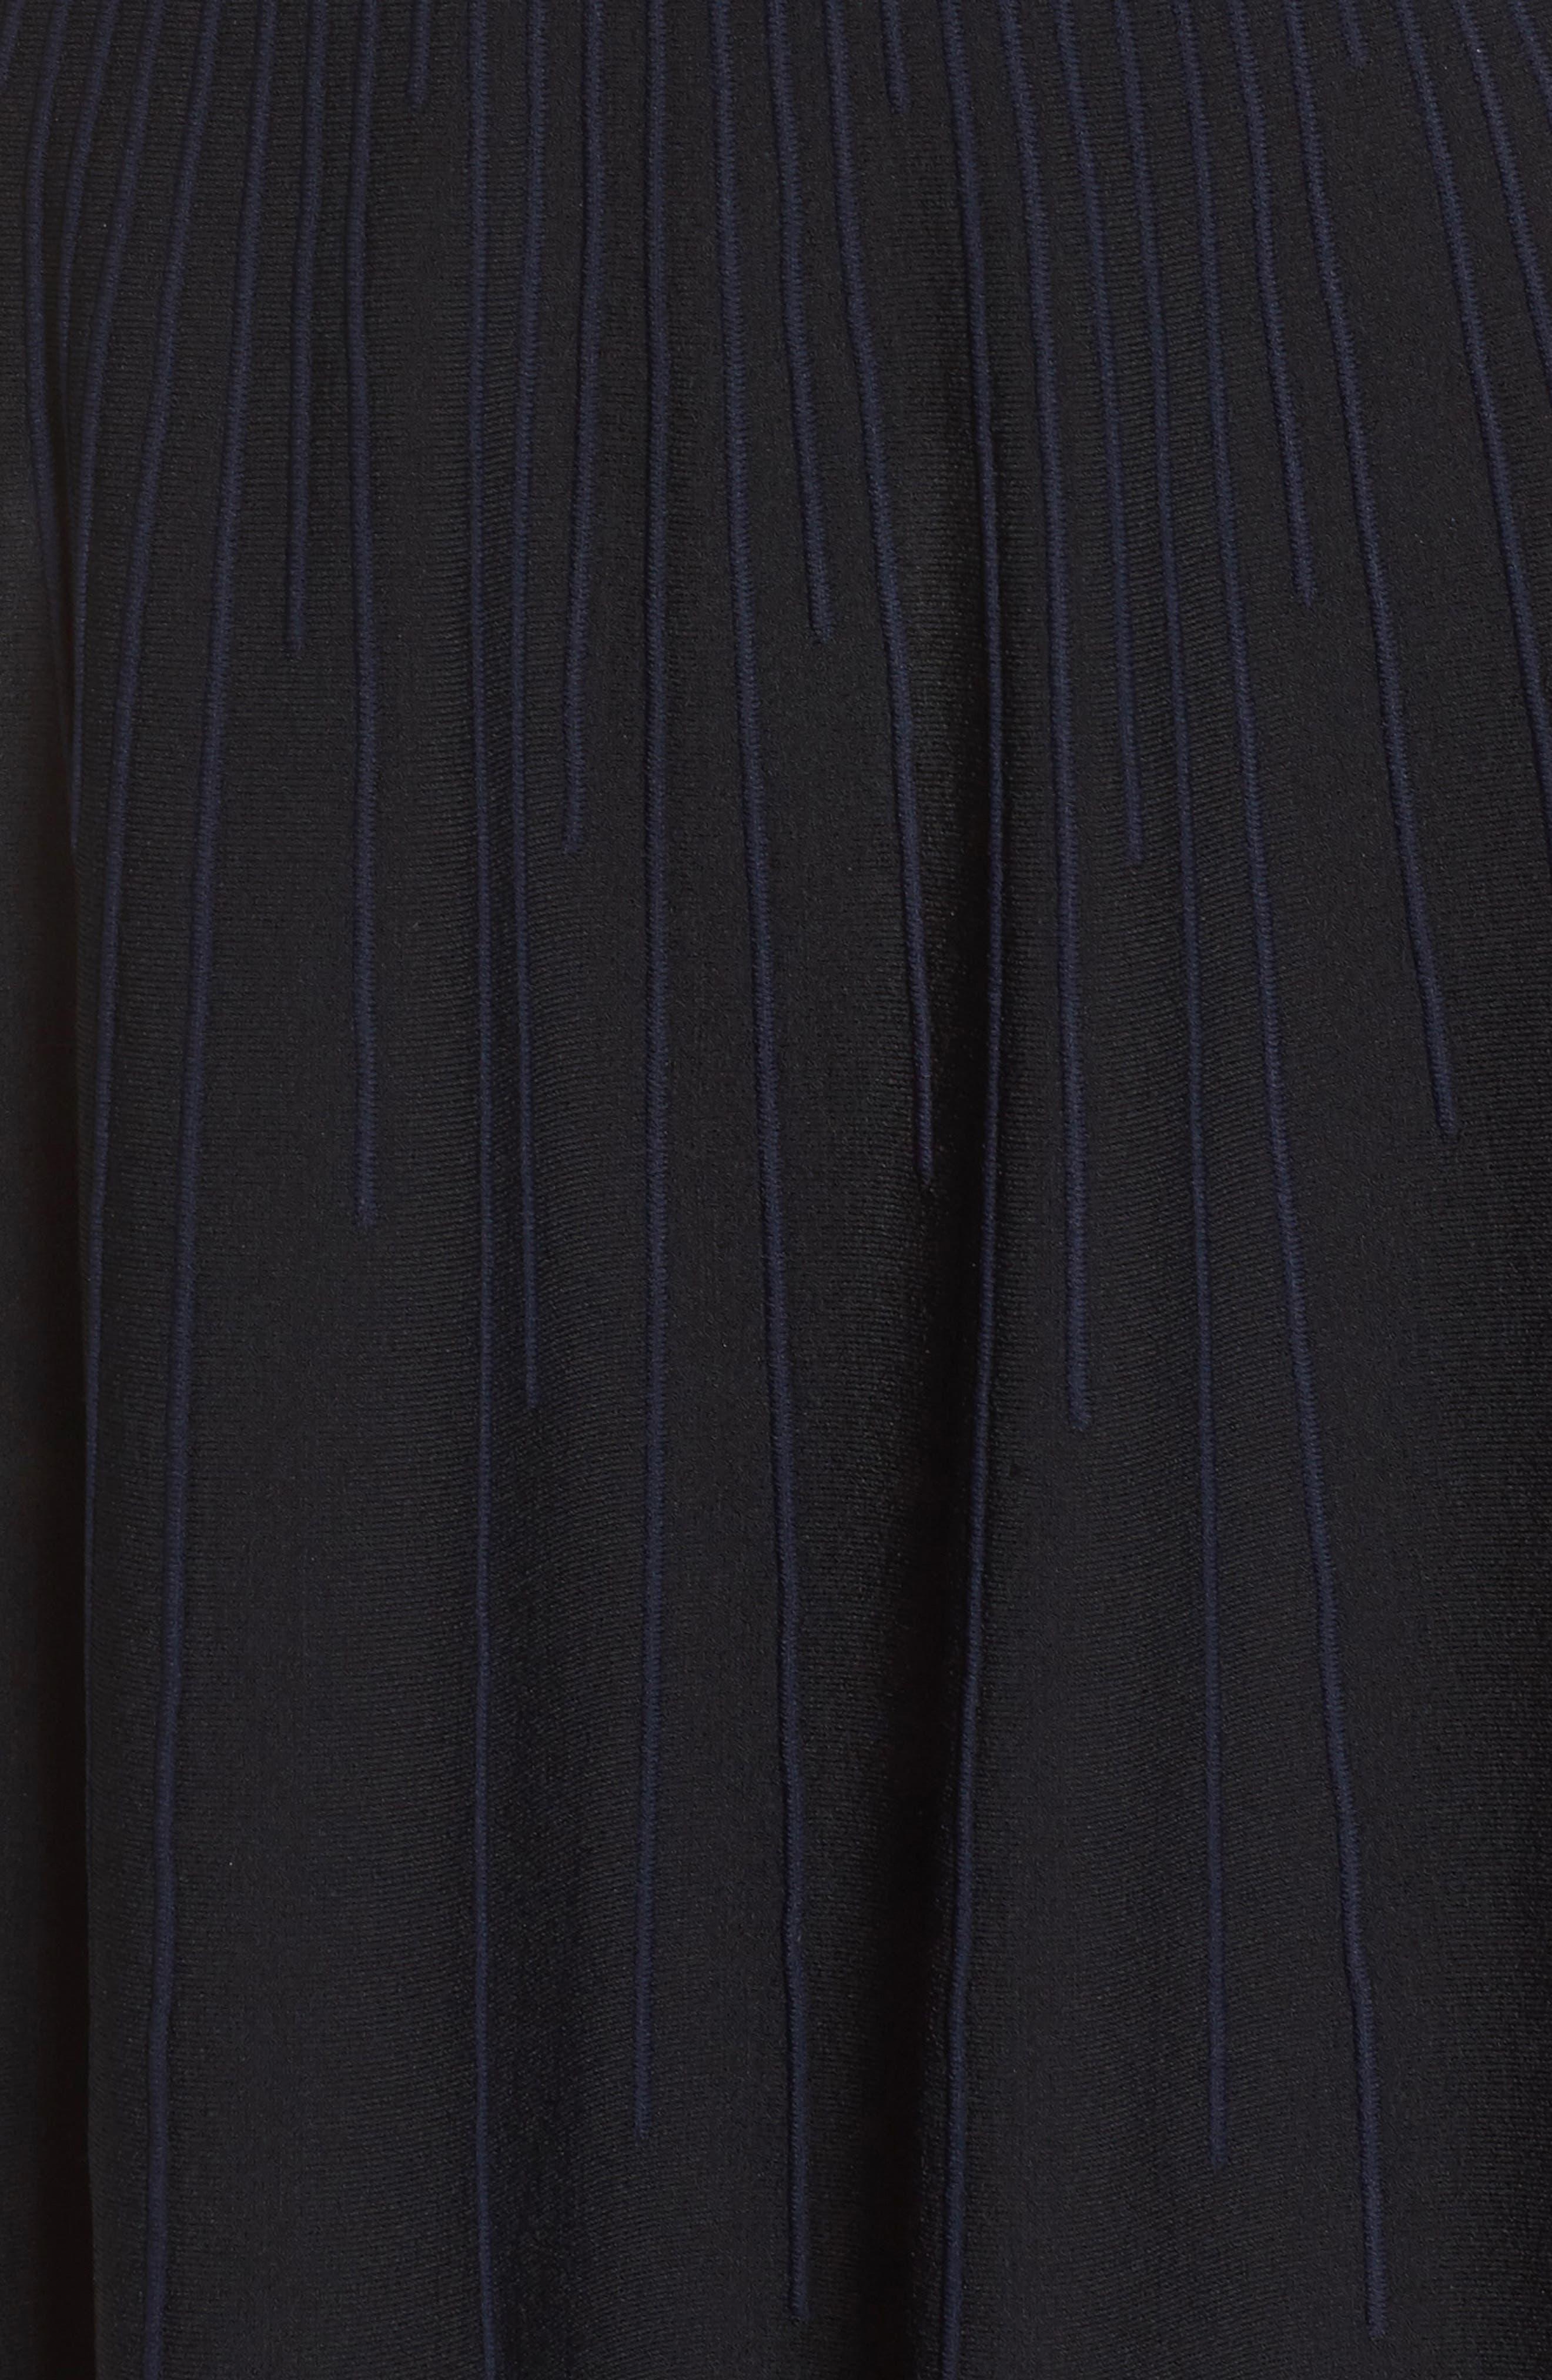 Olivia Off the Shoulder Dress,                             Alternate thumbnail 5, color,                             Black/ Nocturnal